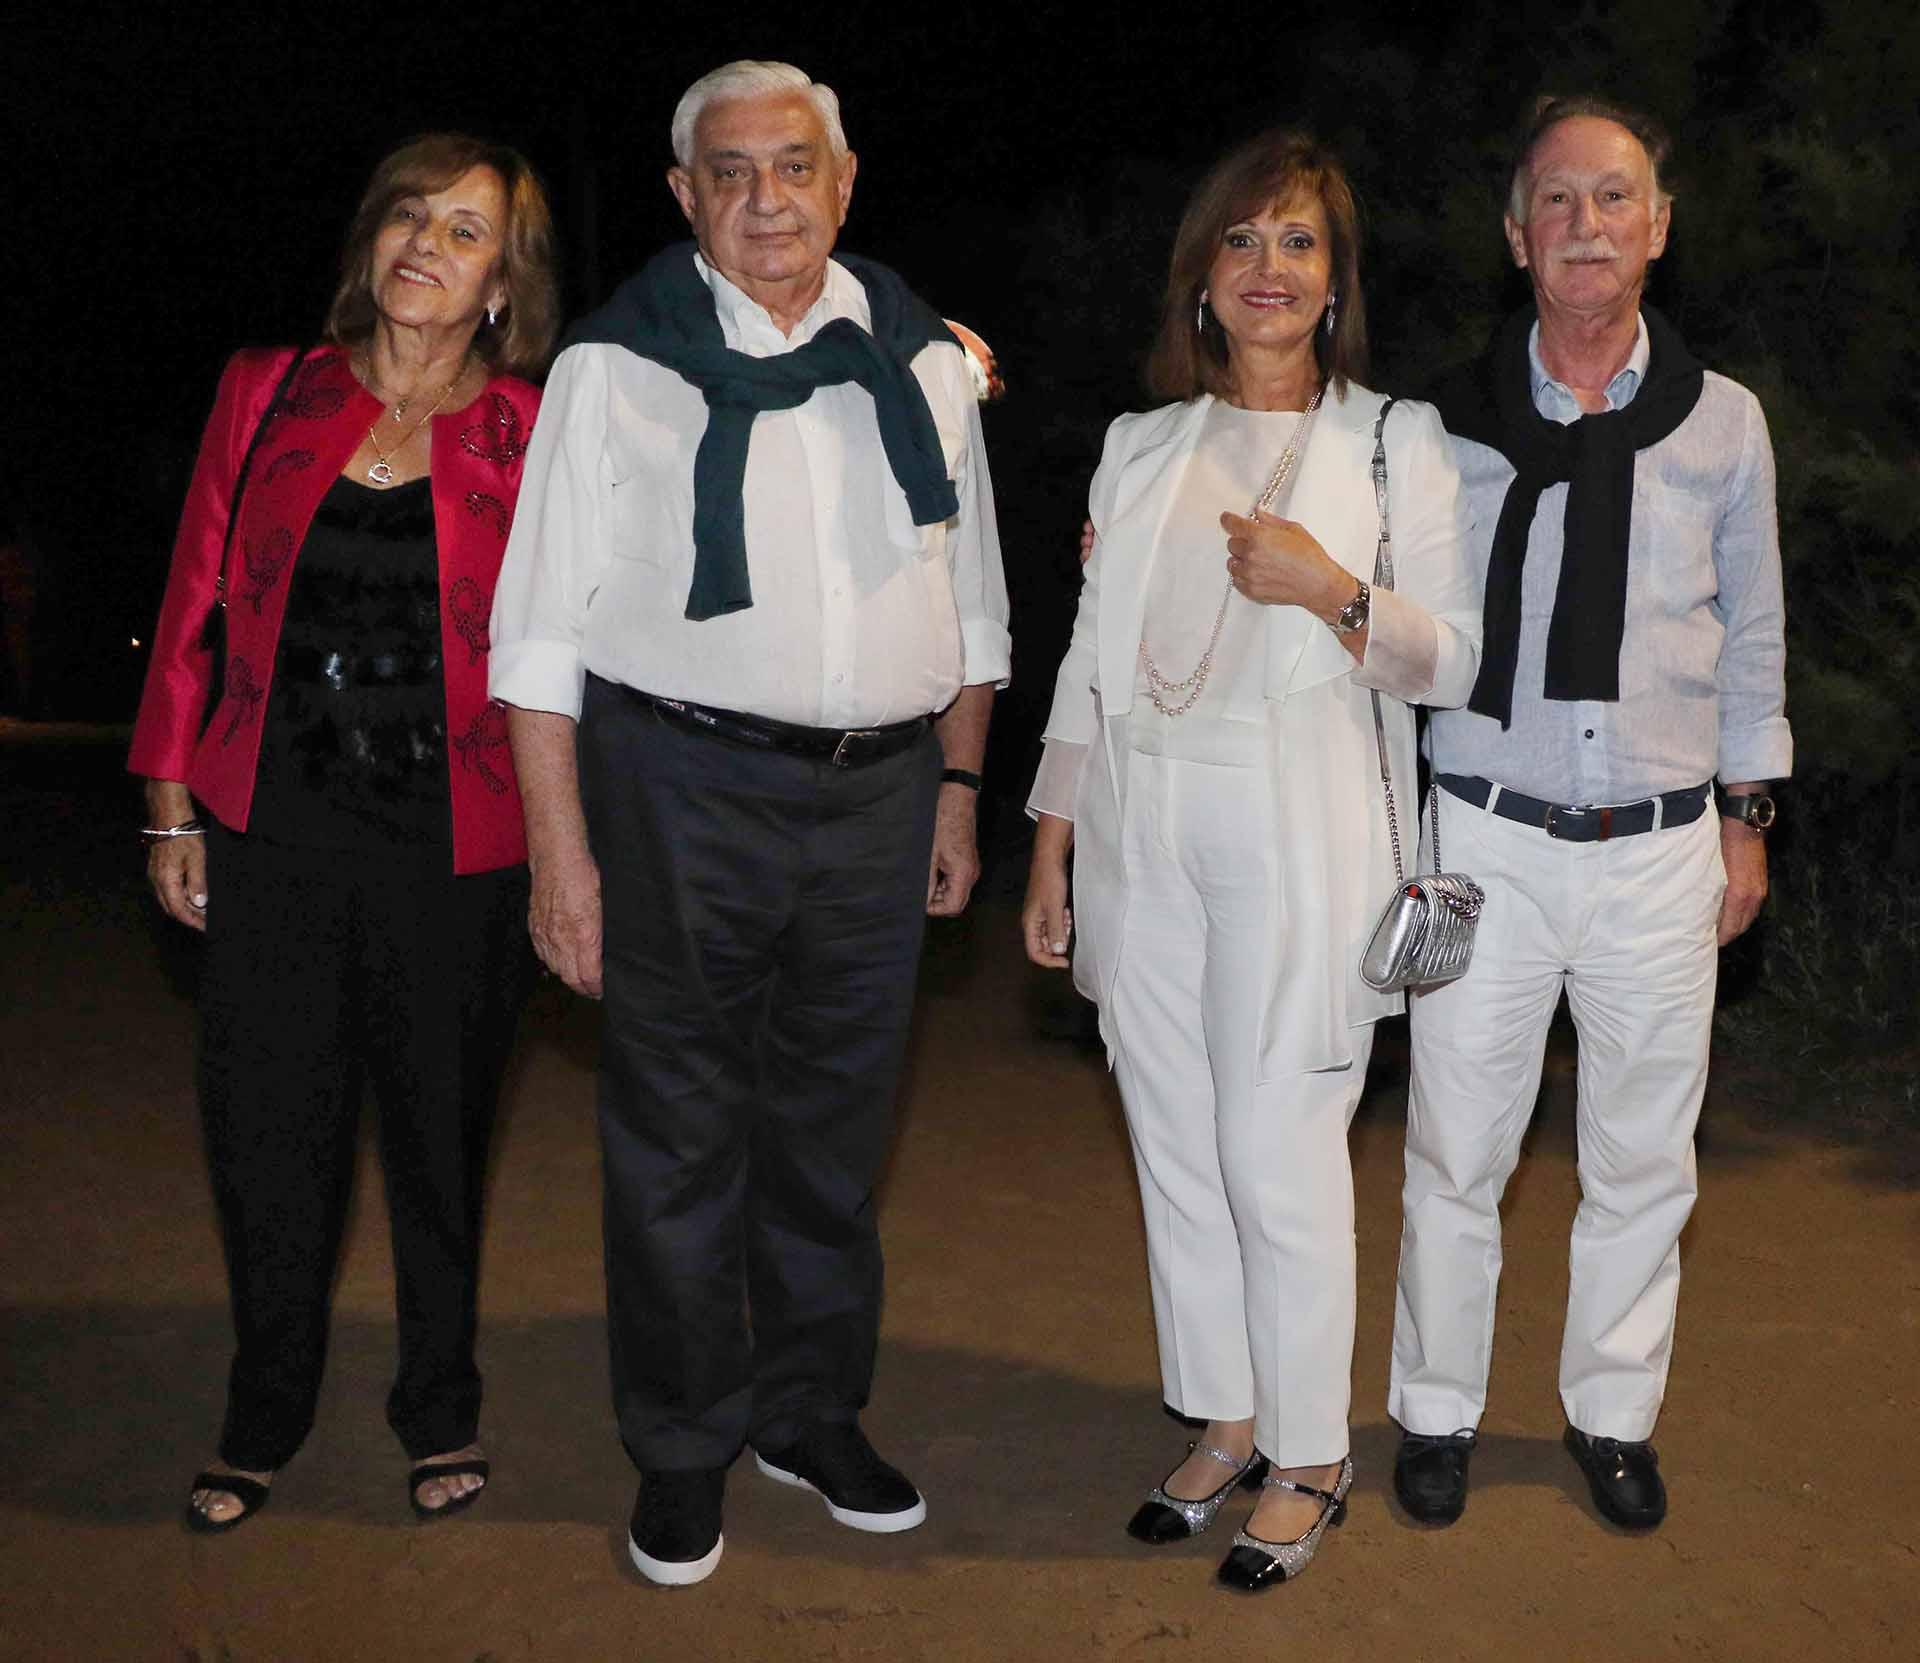 El presidente de la Bolsa de Comercio de Buenos Aires, Adelmo Gabbi, junto a su mujer; y el presidente de la Cámara Argentina de la Construcción, Gustavo Weiss, junto a su mujer Myrian Levy